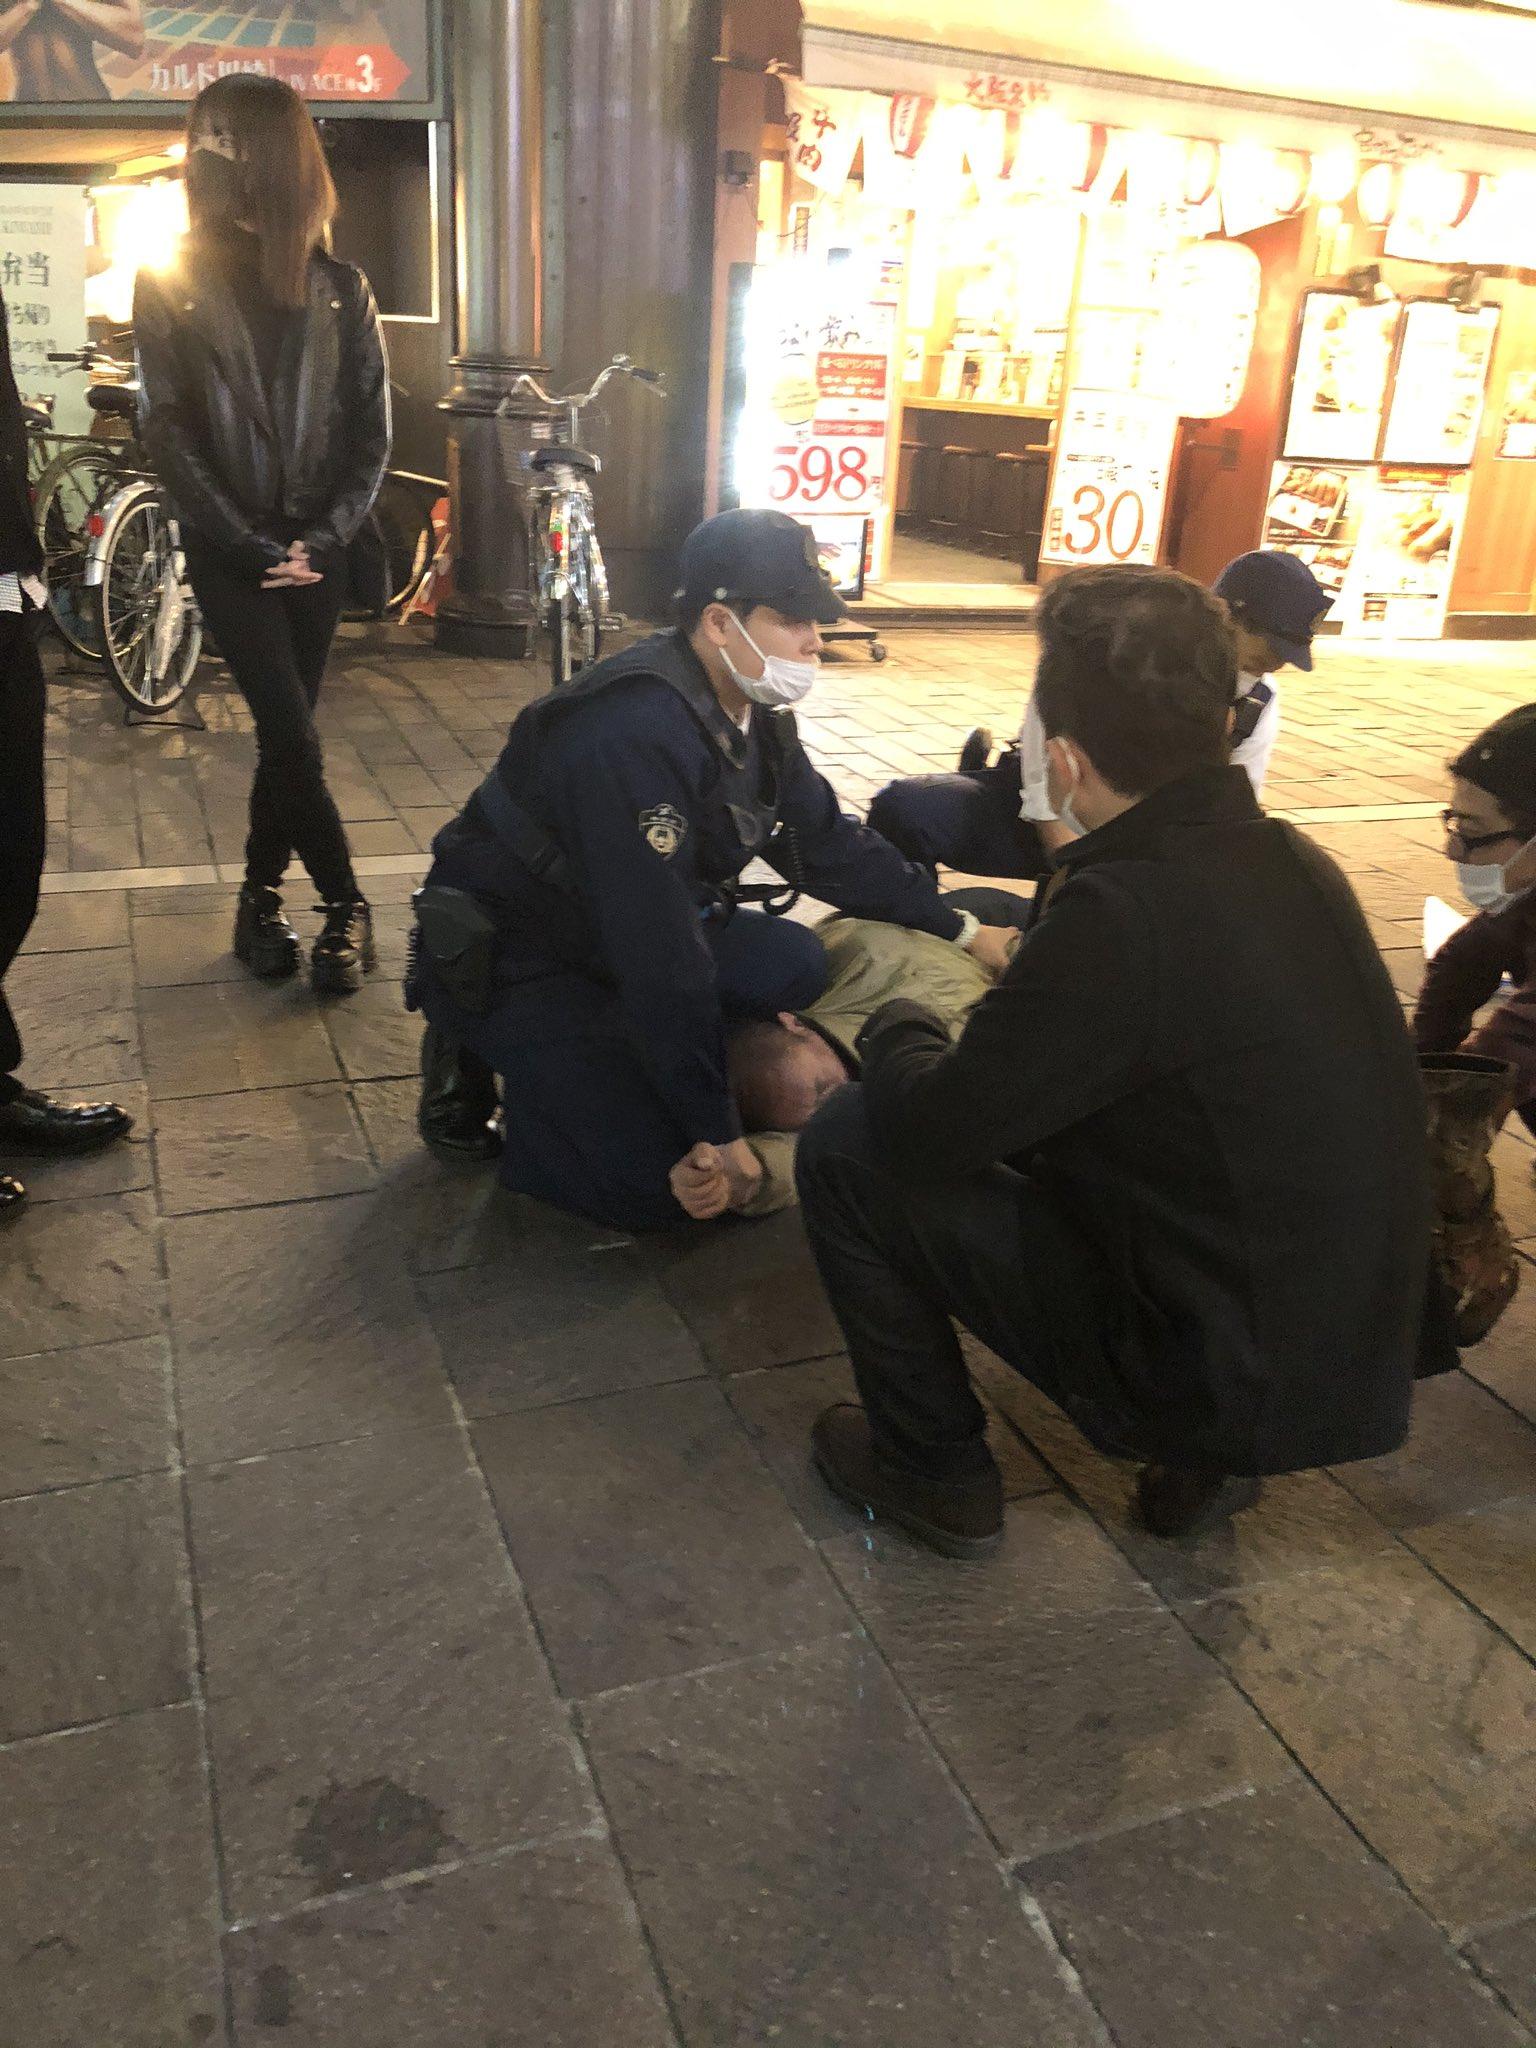 画像,川崎駅前で、バスの運転手に中年男性が襲いかかった模様左足を運転手がやられたとの事 バスが駅前の大通りで回送にしてお客さん降ろしたなう#GoToトラベル #GOT…